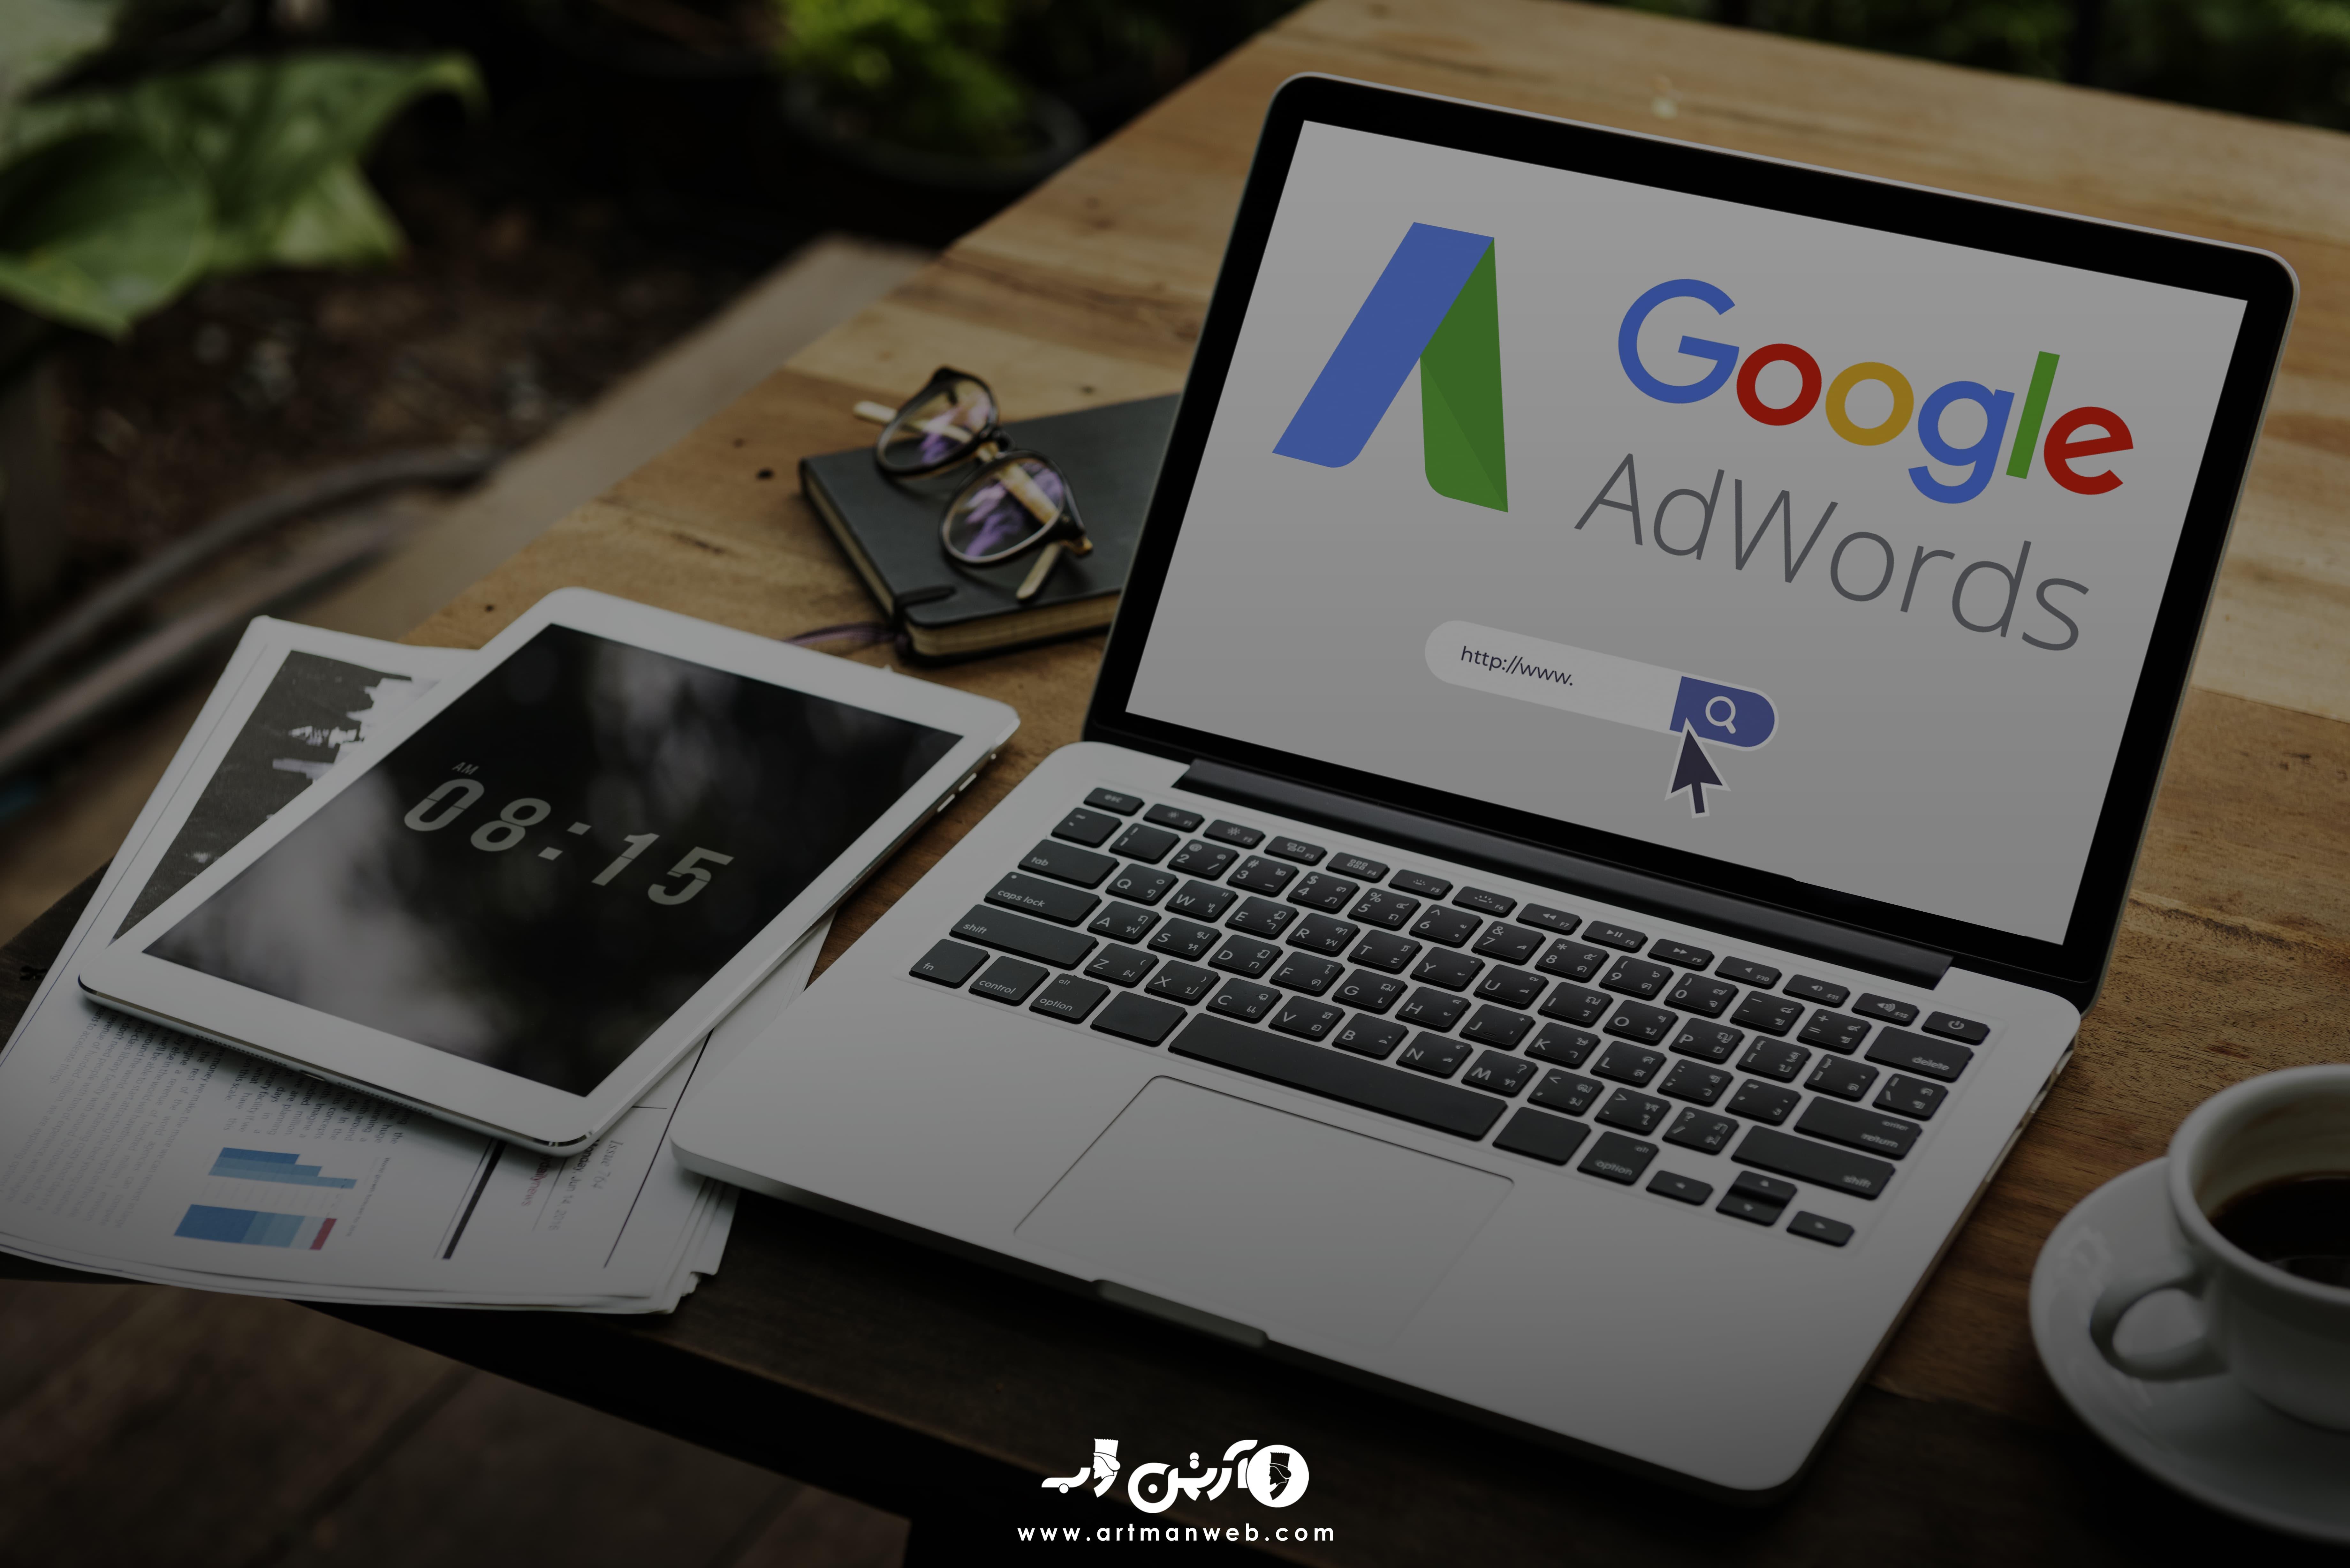 مزیت های سیستم تبلیغات در گوگل و گوگل ادوردز